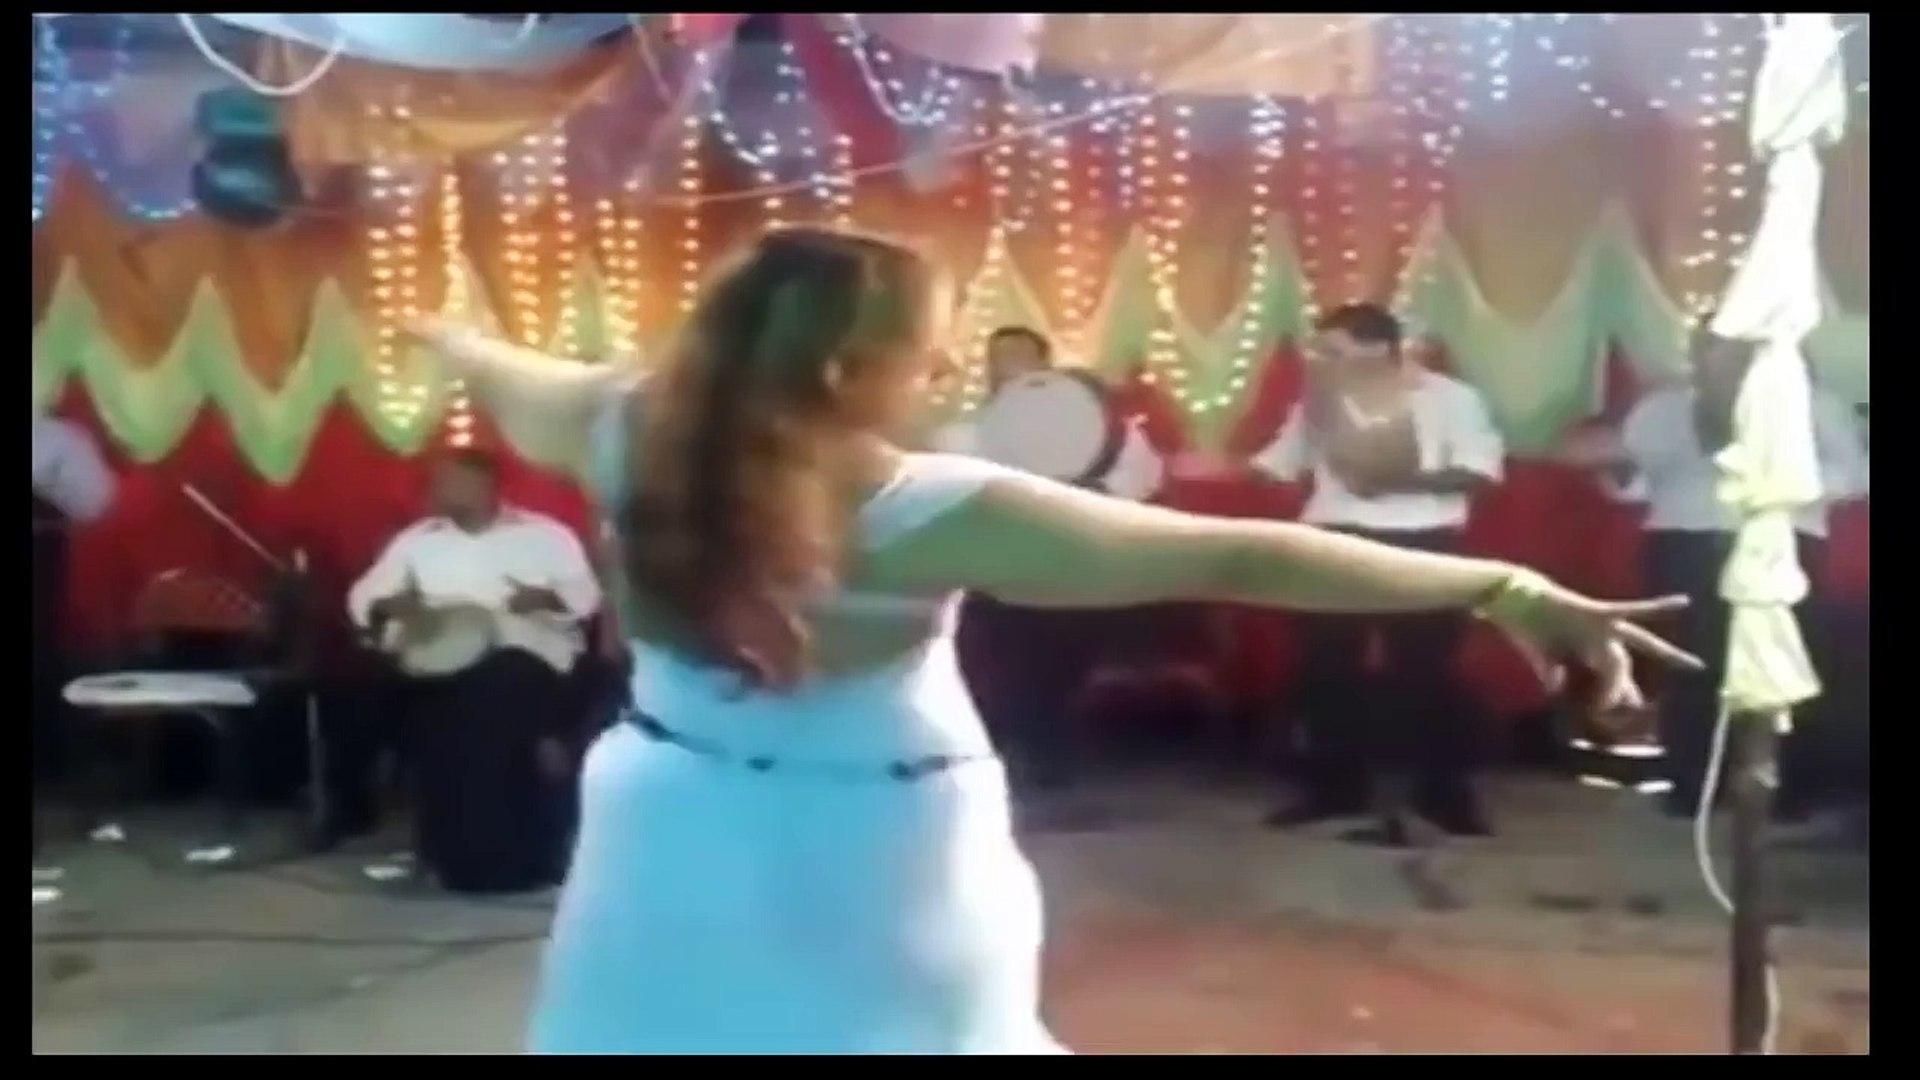 رقص مغربي ساخن في حفل خاص-احلى رقص شعبي لم تراه من قبل chaabi top